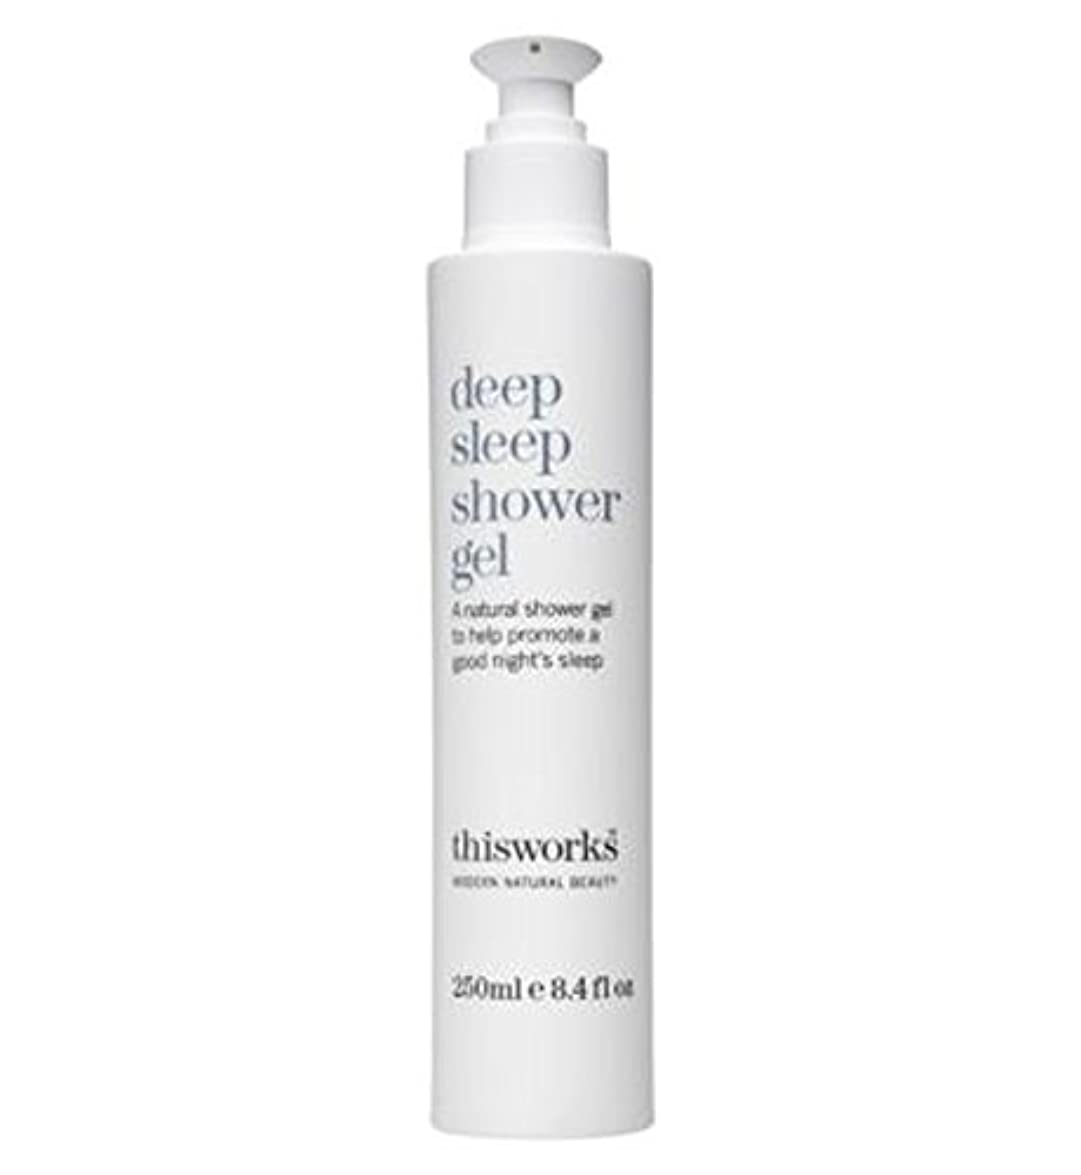 散文アート魅了するこれは、深い眠りシャワージェル250ミリリットルの作品 (This Works) (x2) - this works deep sleep shower gel 250ml (Pack of 2) [並行輸入品]